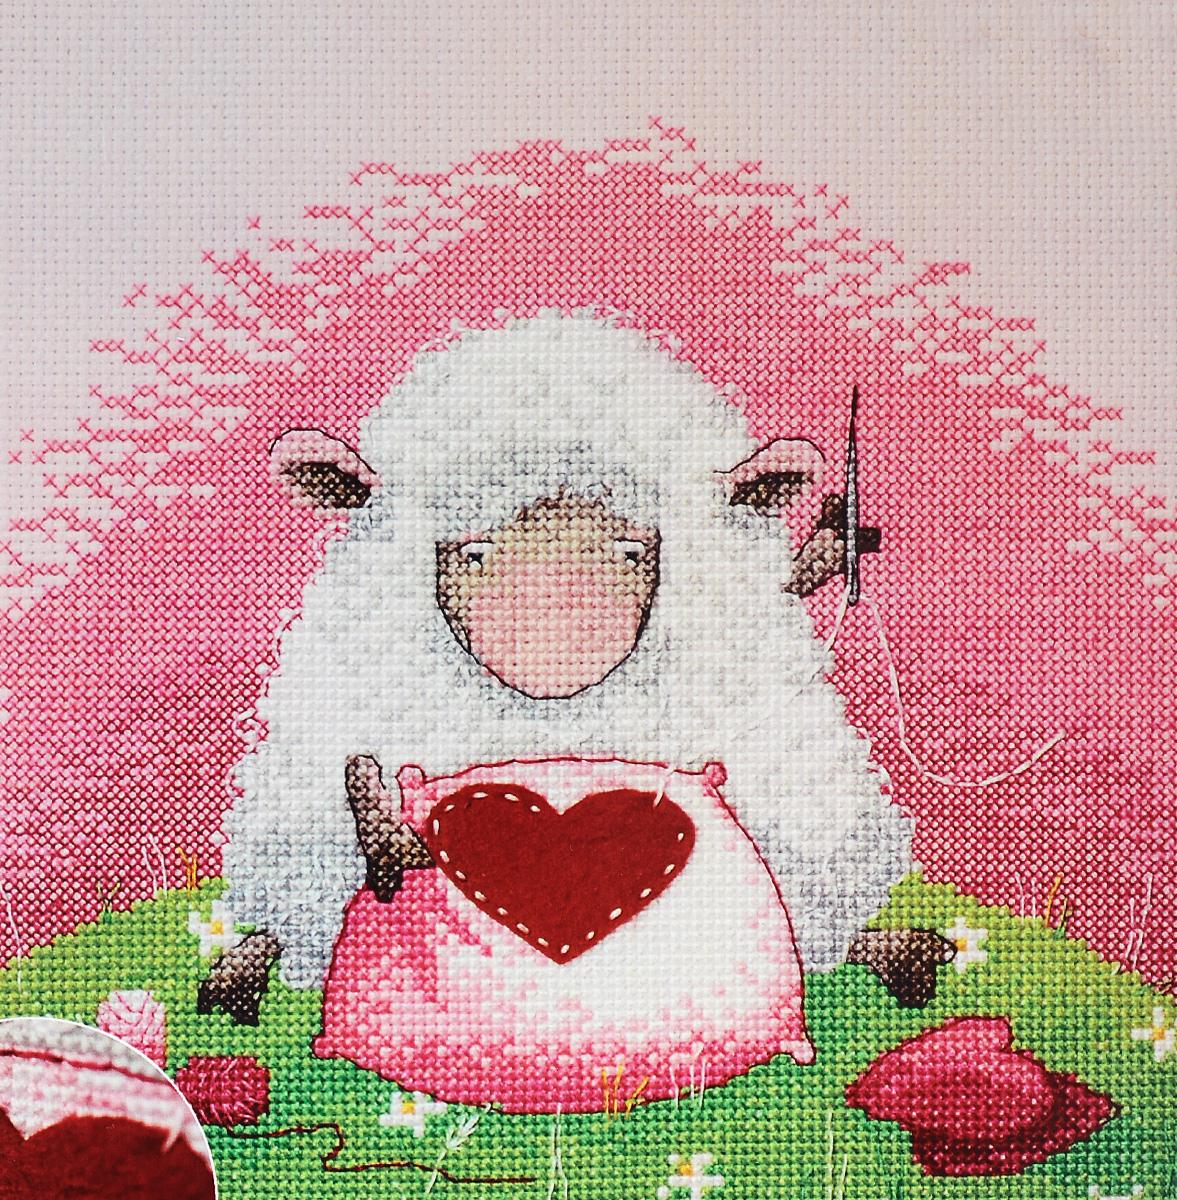 Набор для вышивания крестом Марья Искусница Сердце в подарок, 20 х 20 см15.001.29Набор для вышивания крестом Марья Искусница Сердце в подарок поможет создать красивую вышитую картину по рисунку Элины Эллис. Рисунок-вышивка, выполненный на канве, выглядит стильно и модно. Вышивание отвлечет вас от повседневных забот и превратится в увлекательное занятие! Работа, сделанная своими руками, не только украсит интерьер дома, придав ему уют и оригинальность, но и будет отличным подарком для друзей и близких! Набор содержит все необходимые материалы для вышивки на канве в технике счетный крест. В набор входит: - канва Aida 14 Zweigart (розового цвета), - нитки мулине Finca - хлопок (21 цвет), - декоративный элемент, - черно-белая символьная схема, - инструкция на русском языке, - игла Hemline.